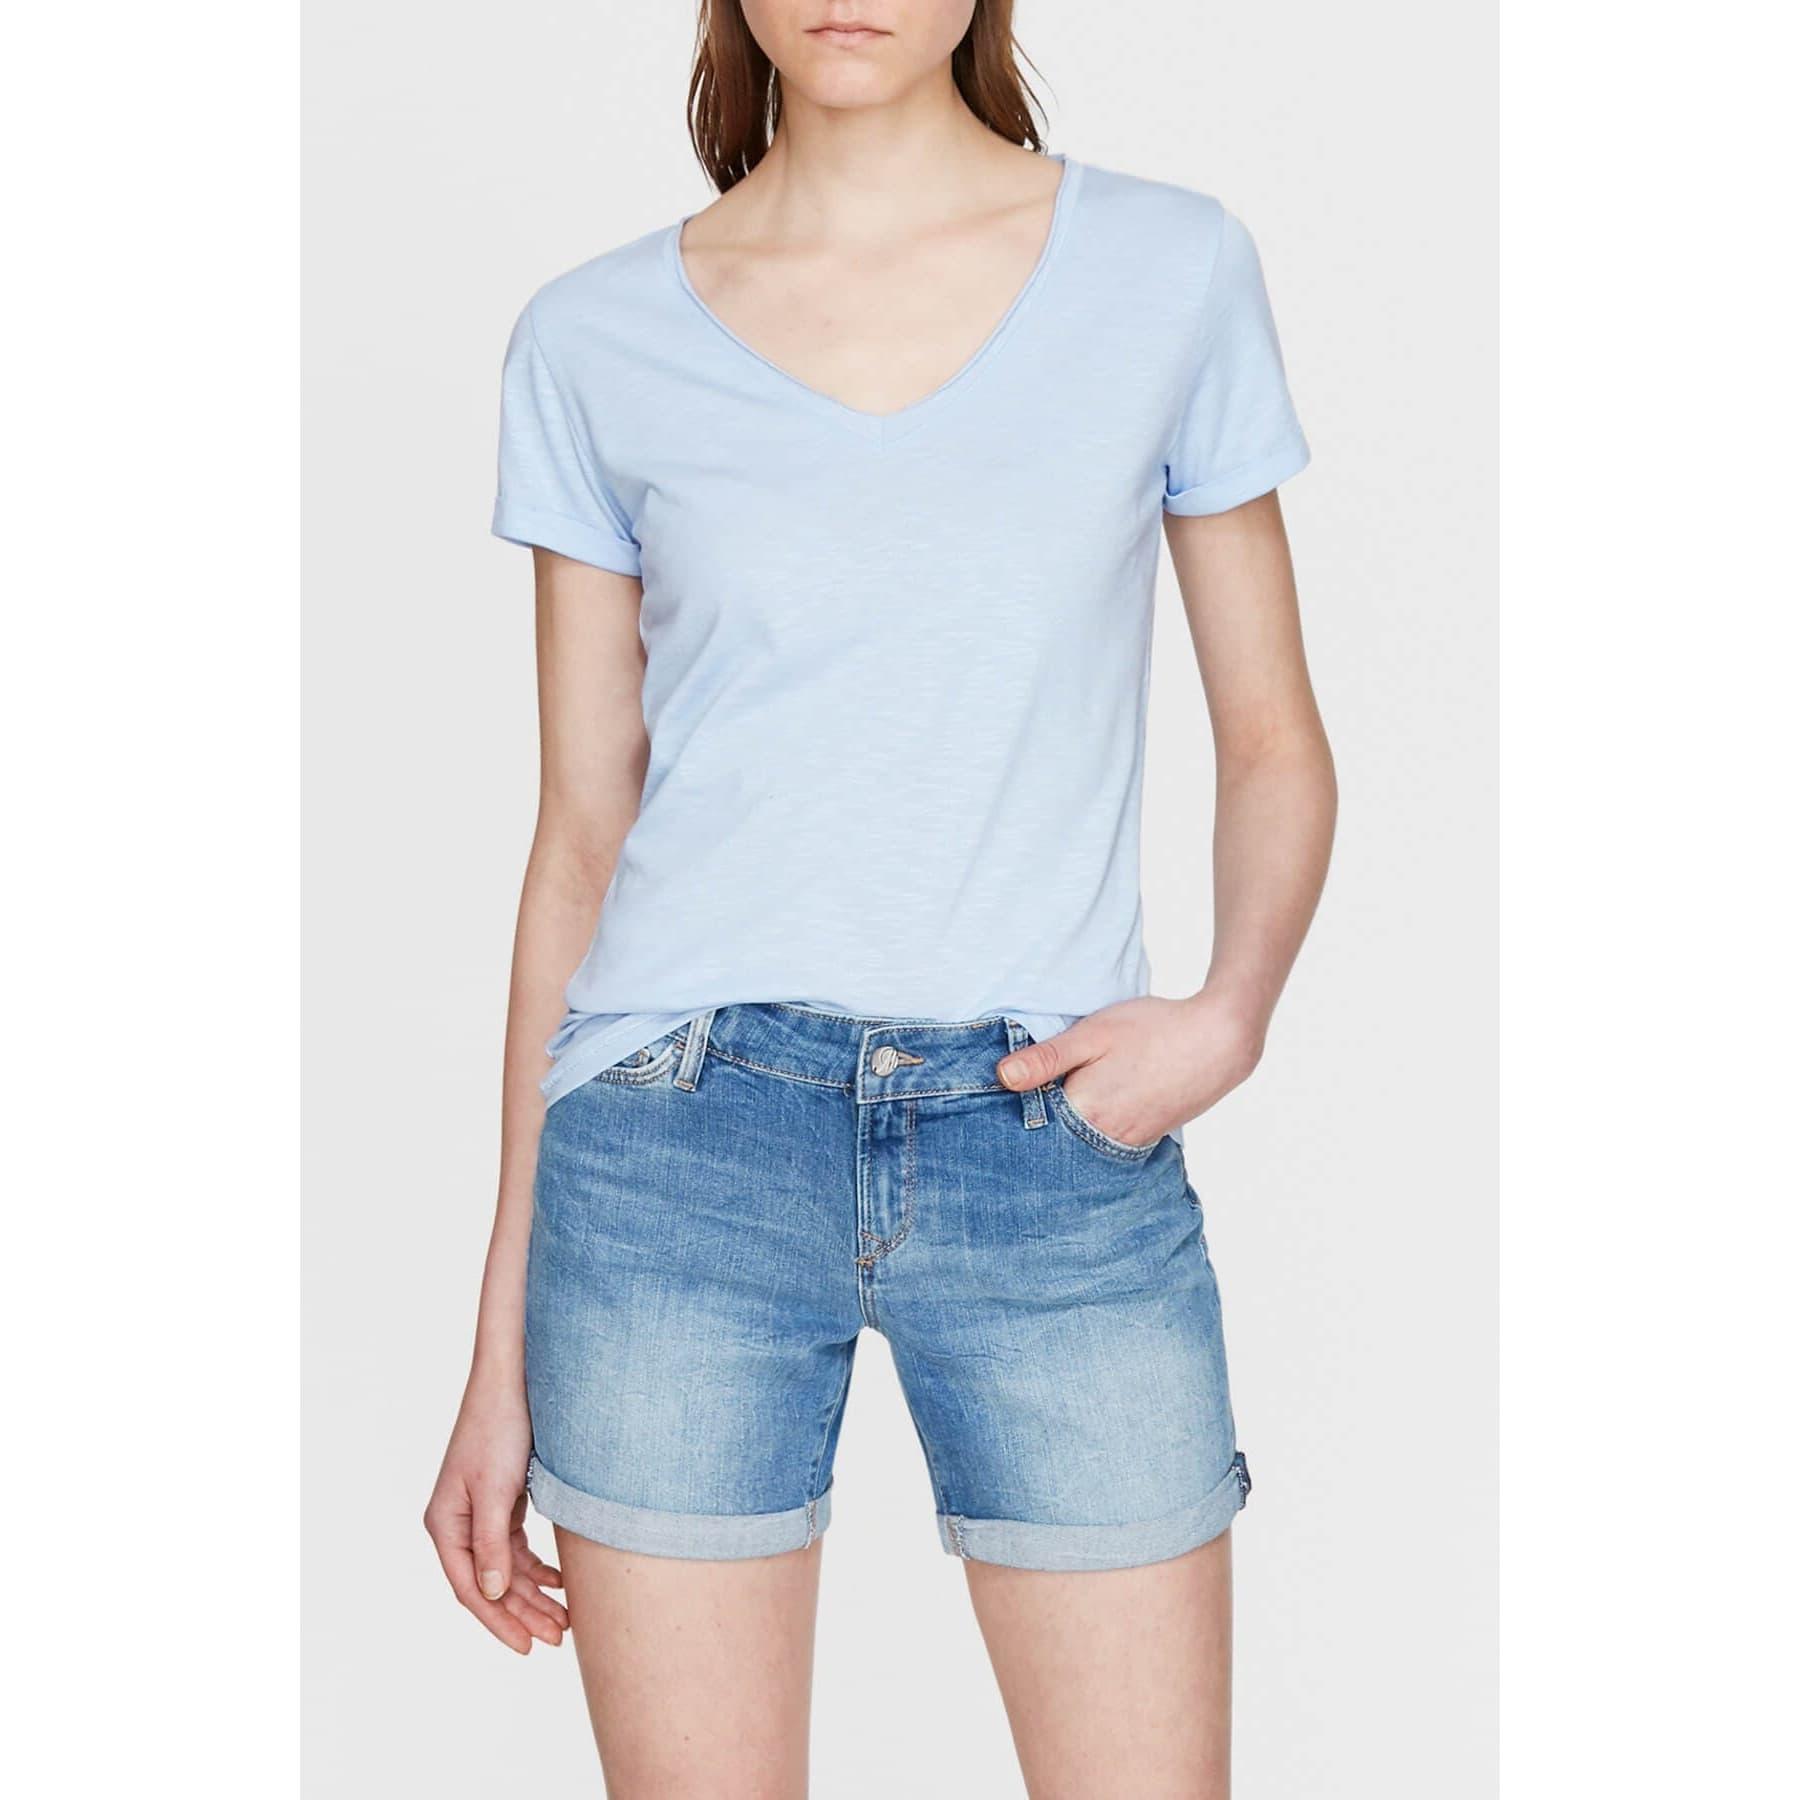 Mavi Jeans Kadın V Yaka Buz Mavisi Basic Tişört